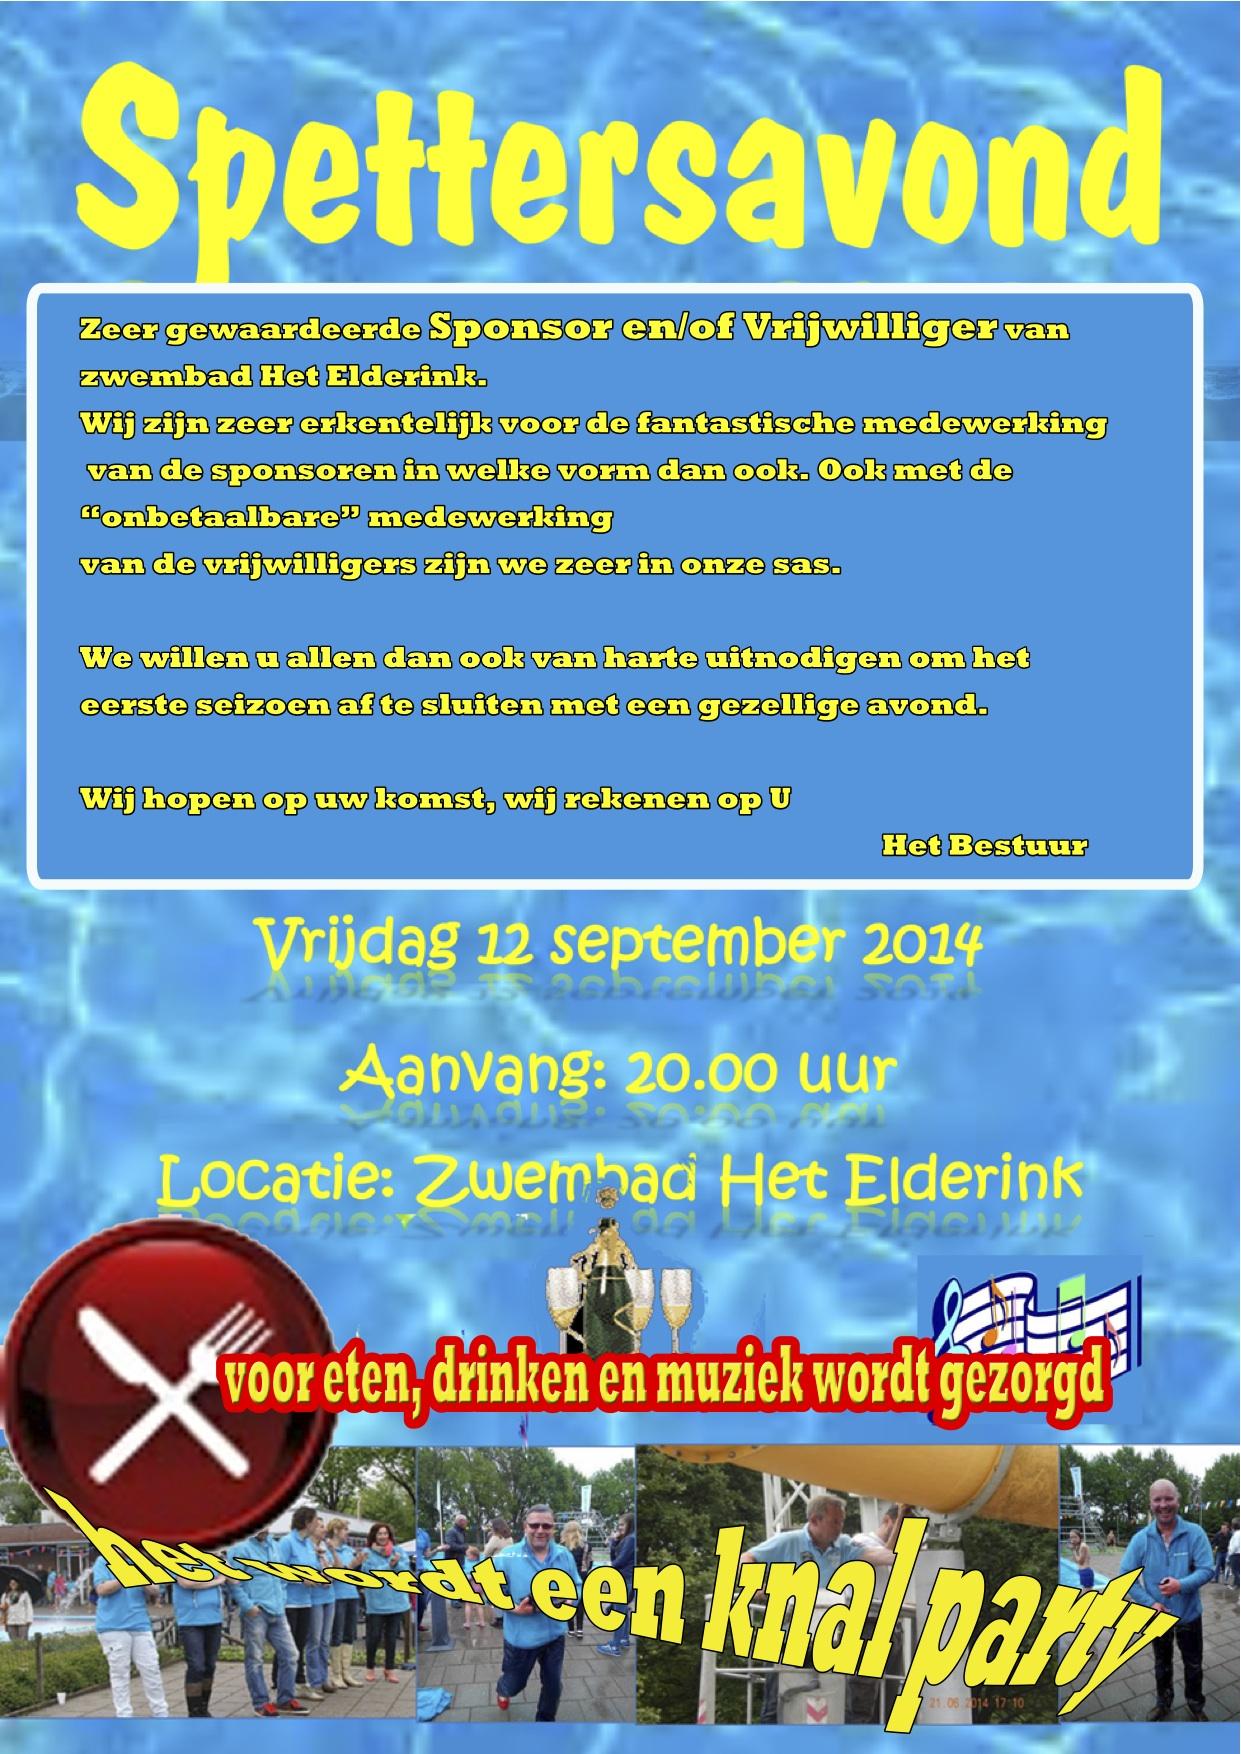 Zwembad Het Elderink organiseert een feestavond voor vrijwilligers en sponsoren op 12 september 2014